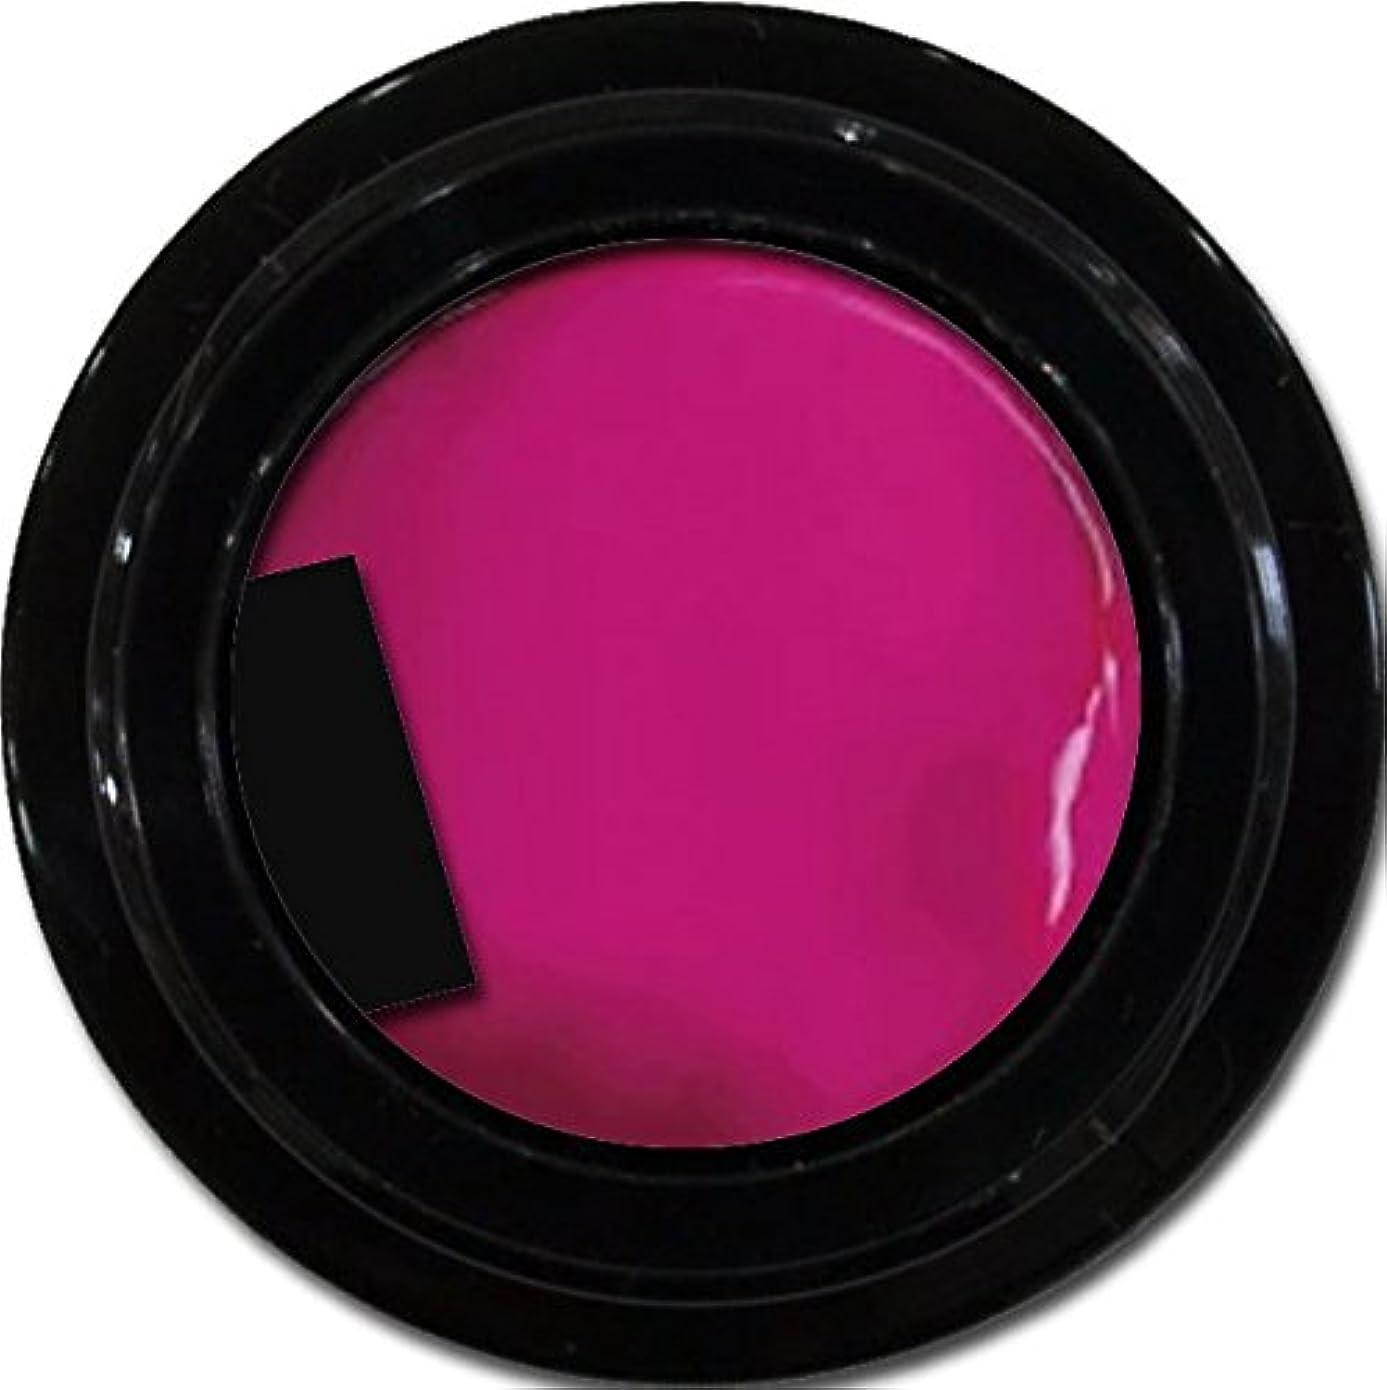 項目腫瘍多くの危険がある状況カラージェル enchant color gel M214 NeoPink 3g/ マットカラージェル M214 ネオピンク 3グラム